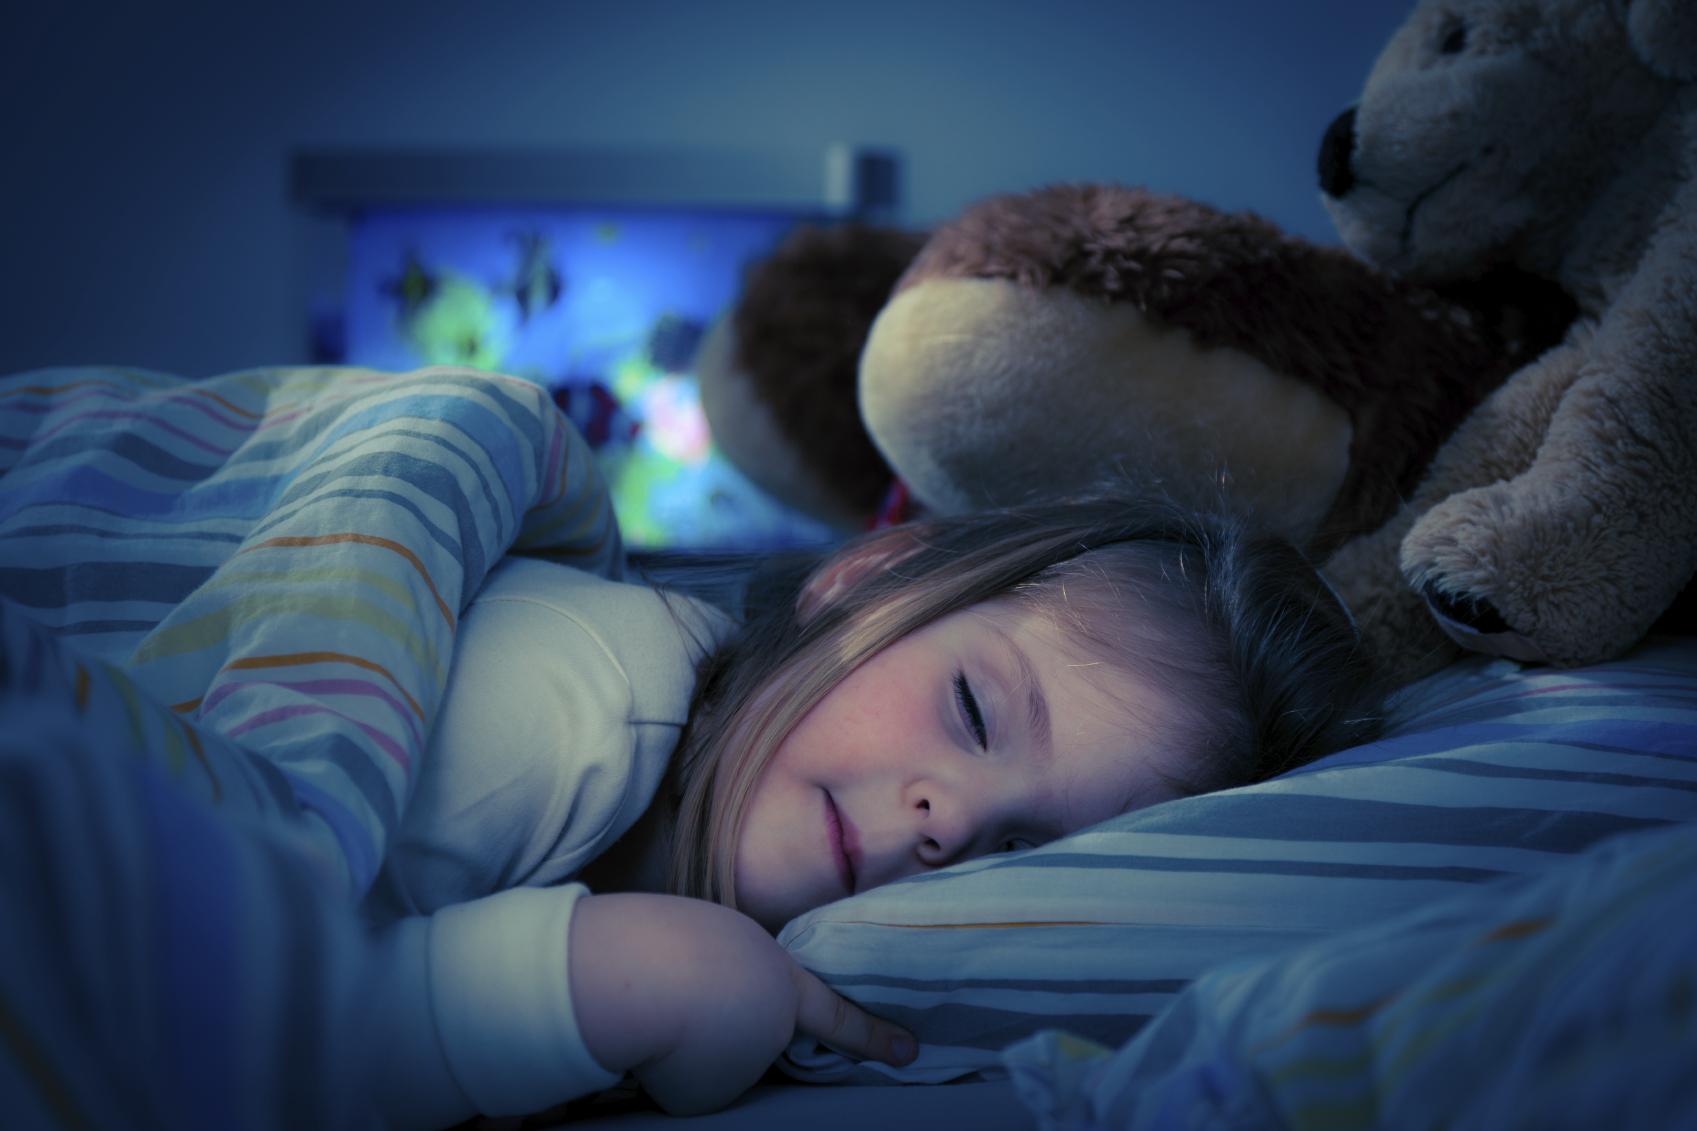 En liten flicka med långt hår sovandes i sin säng med gosedjur